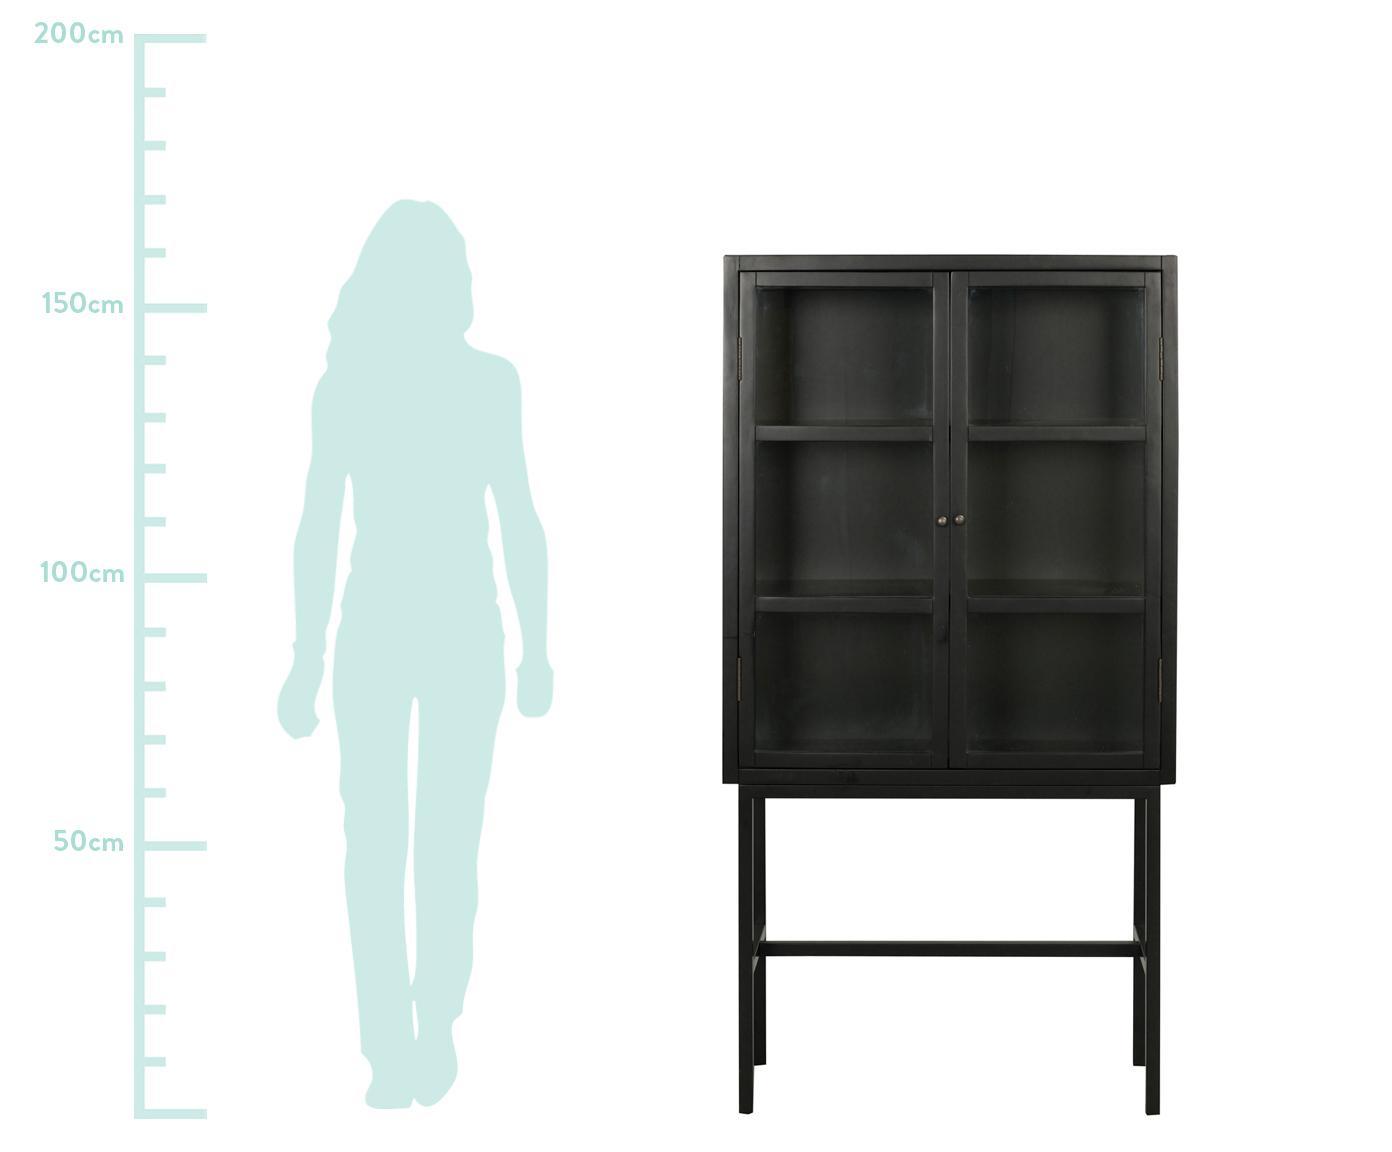 Glasvitrine Marshalle mit hohen Beinen aus schwarzem Metall, Front: Sicherheitsglas, Schwarz, Transparent, 85 x 160 cm